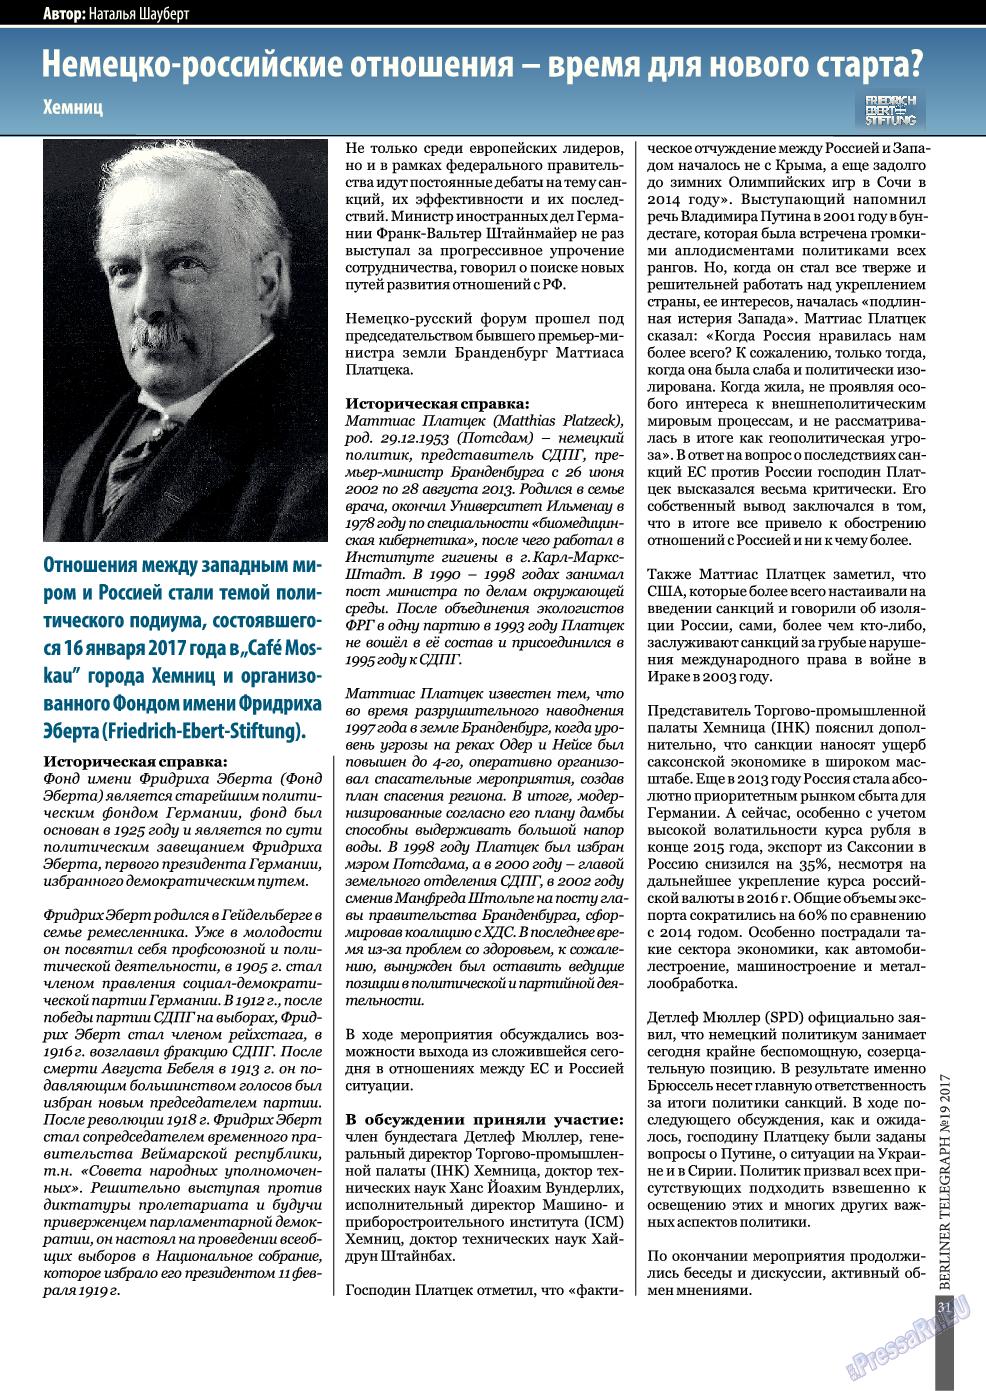 Берлинский телеграф (журнал). 2017 год, номер 19, стр. 31